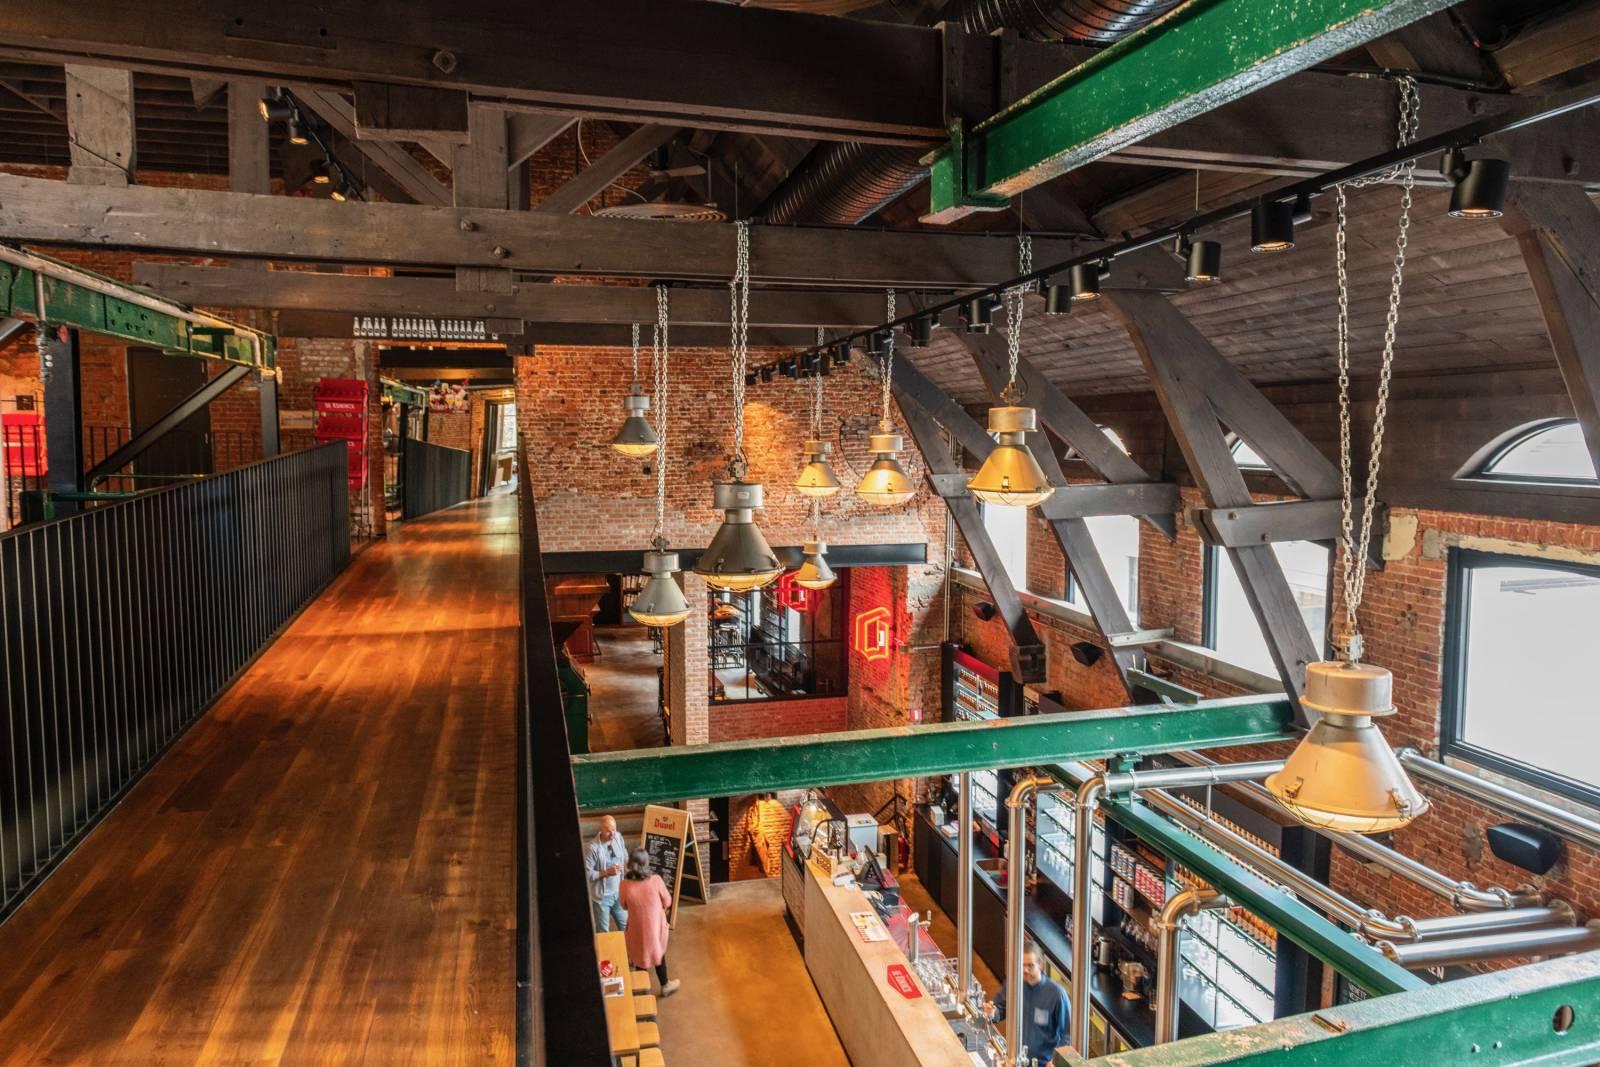 Stadsbrouwerij De Koninck - Feestzaal Antwerpen - House of Weddings - 3